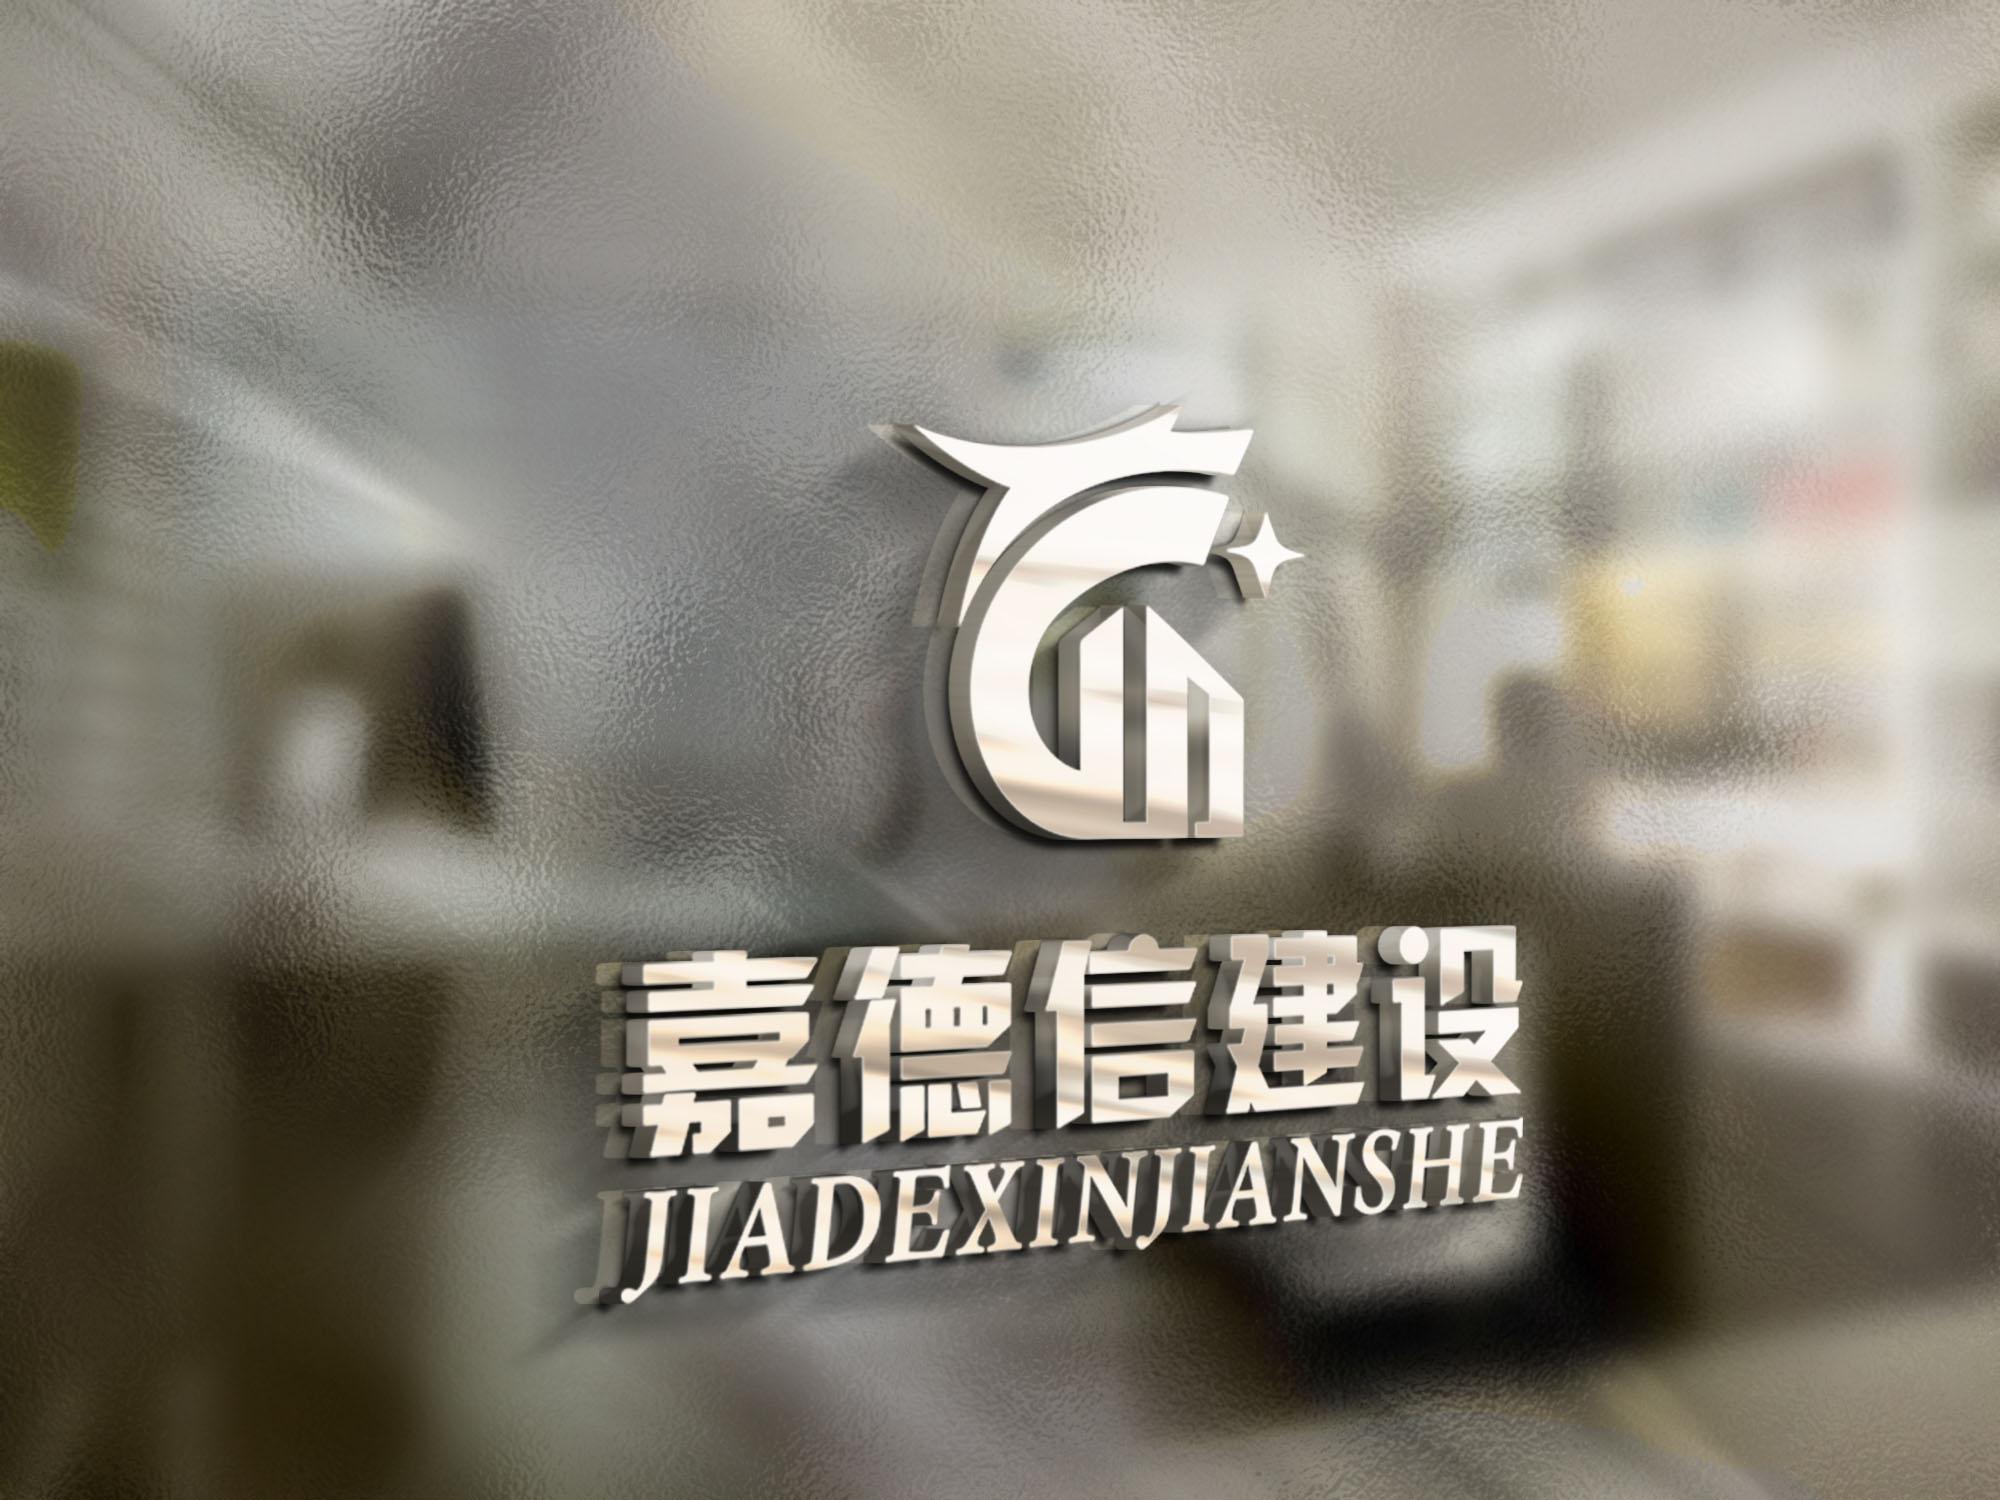 企业logo品牌设计,企业logo品牌设计公司